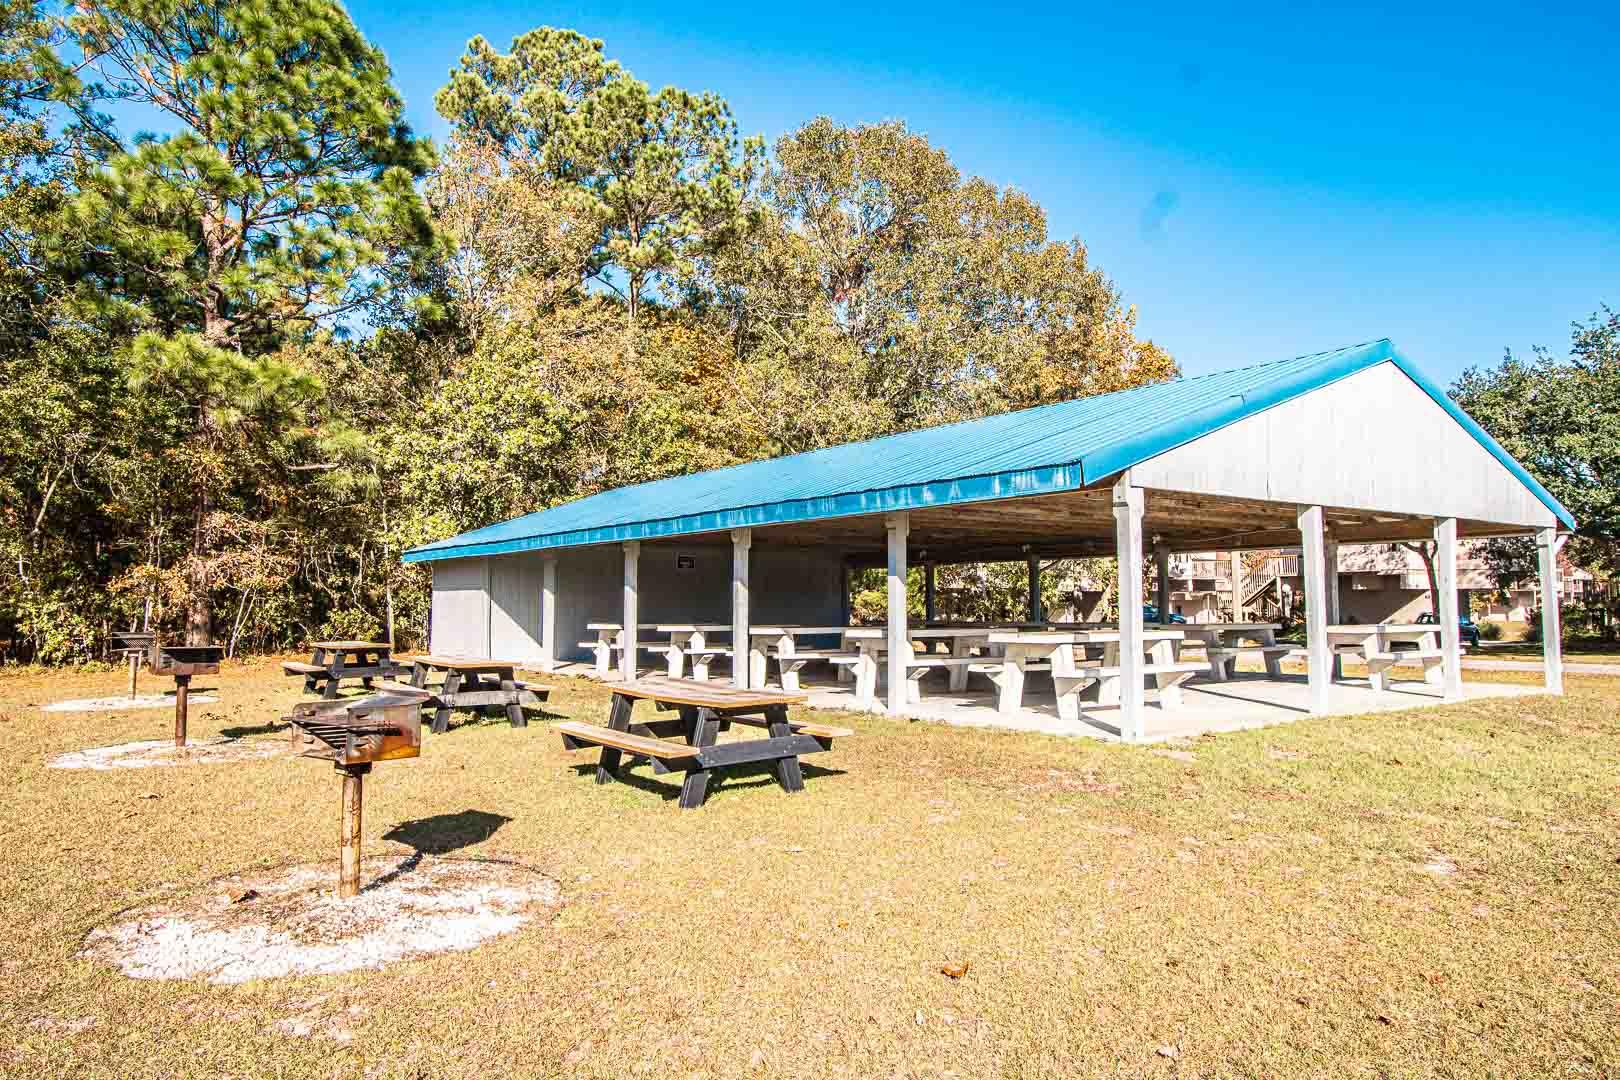 Outside picnic areas at VRI's Sandcastle Village in New Bern, North Carolina.